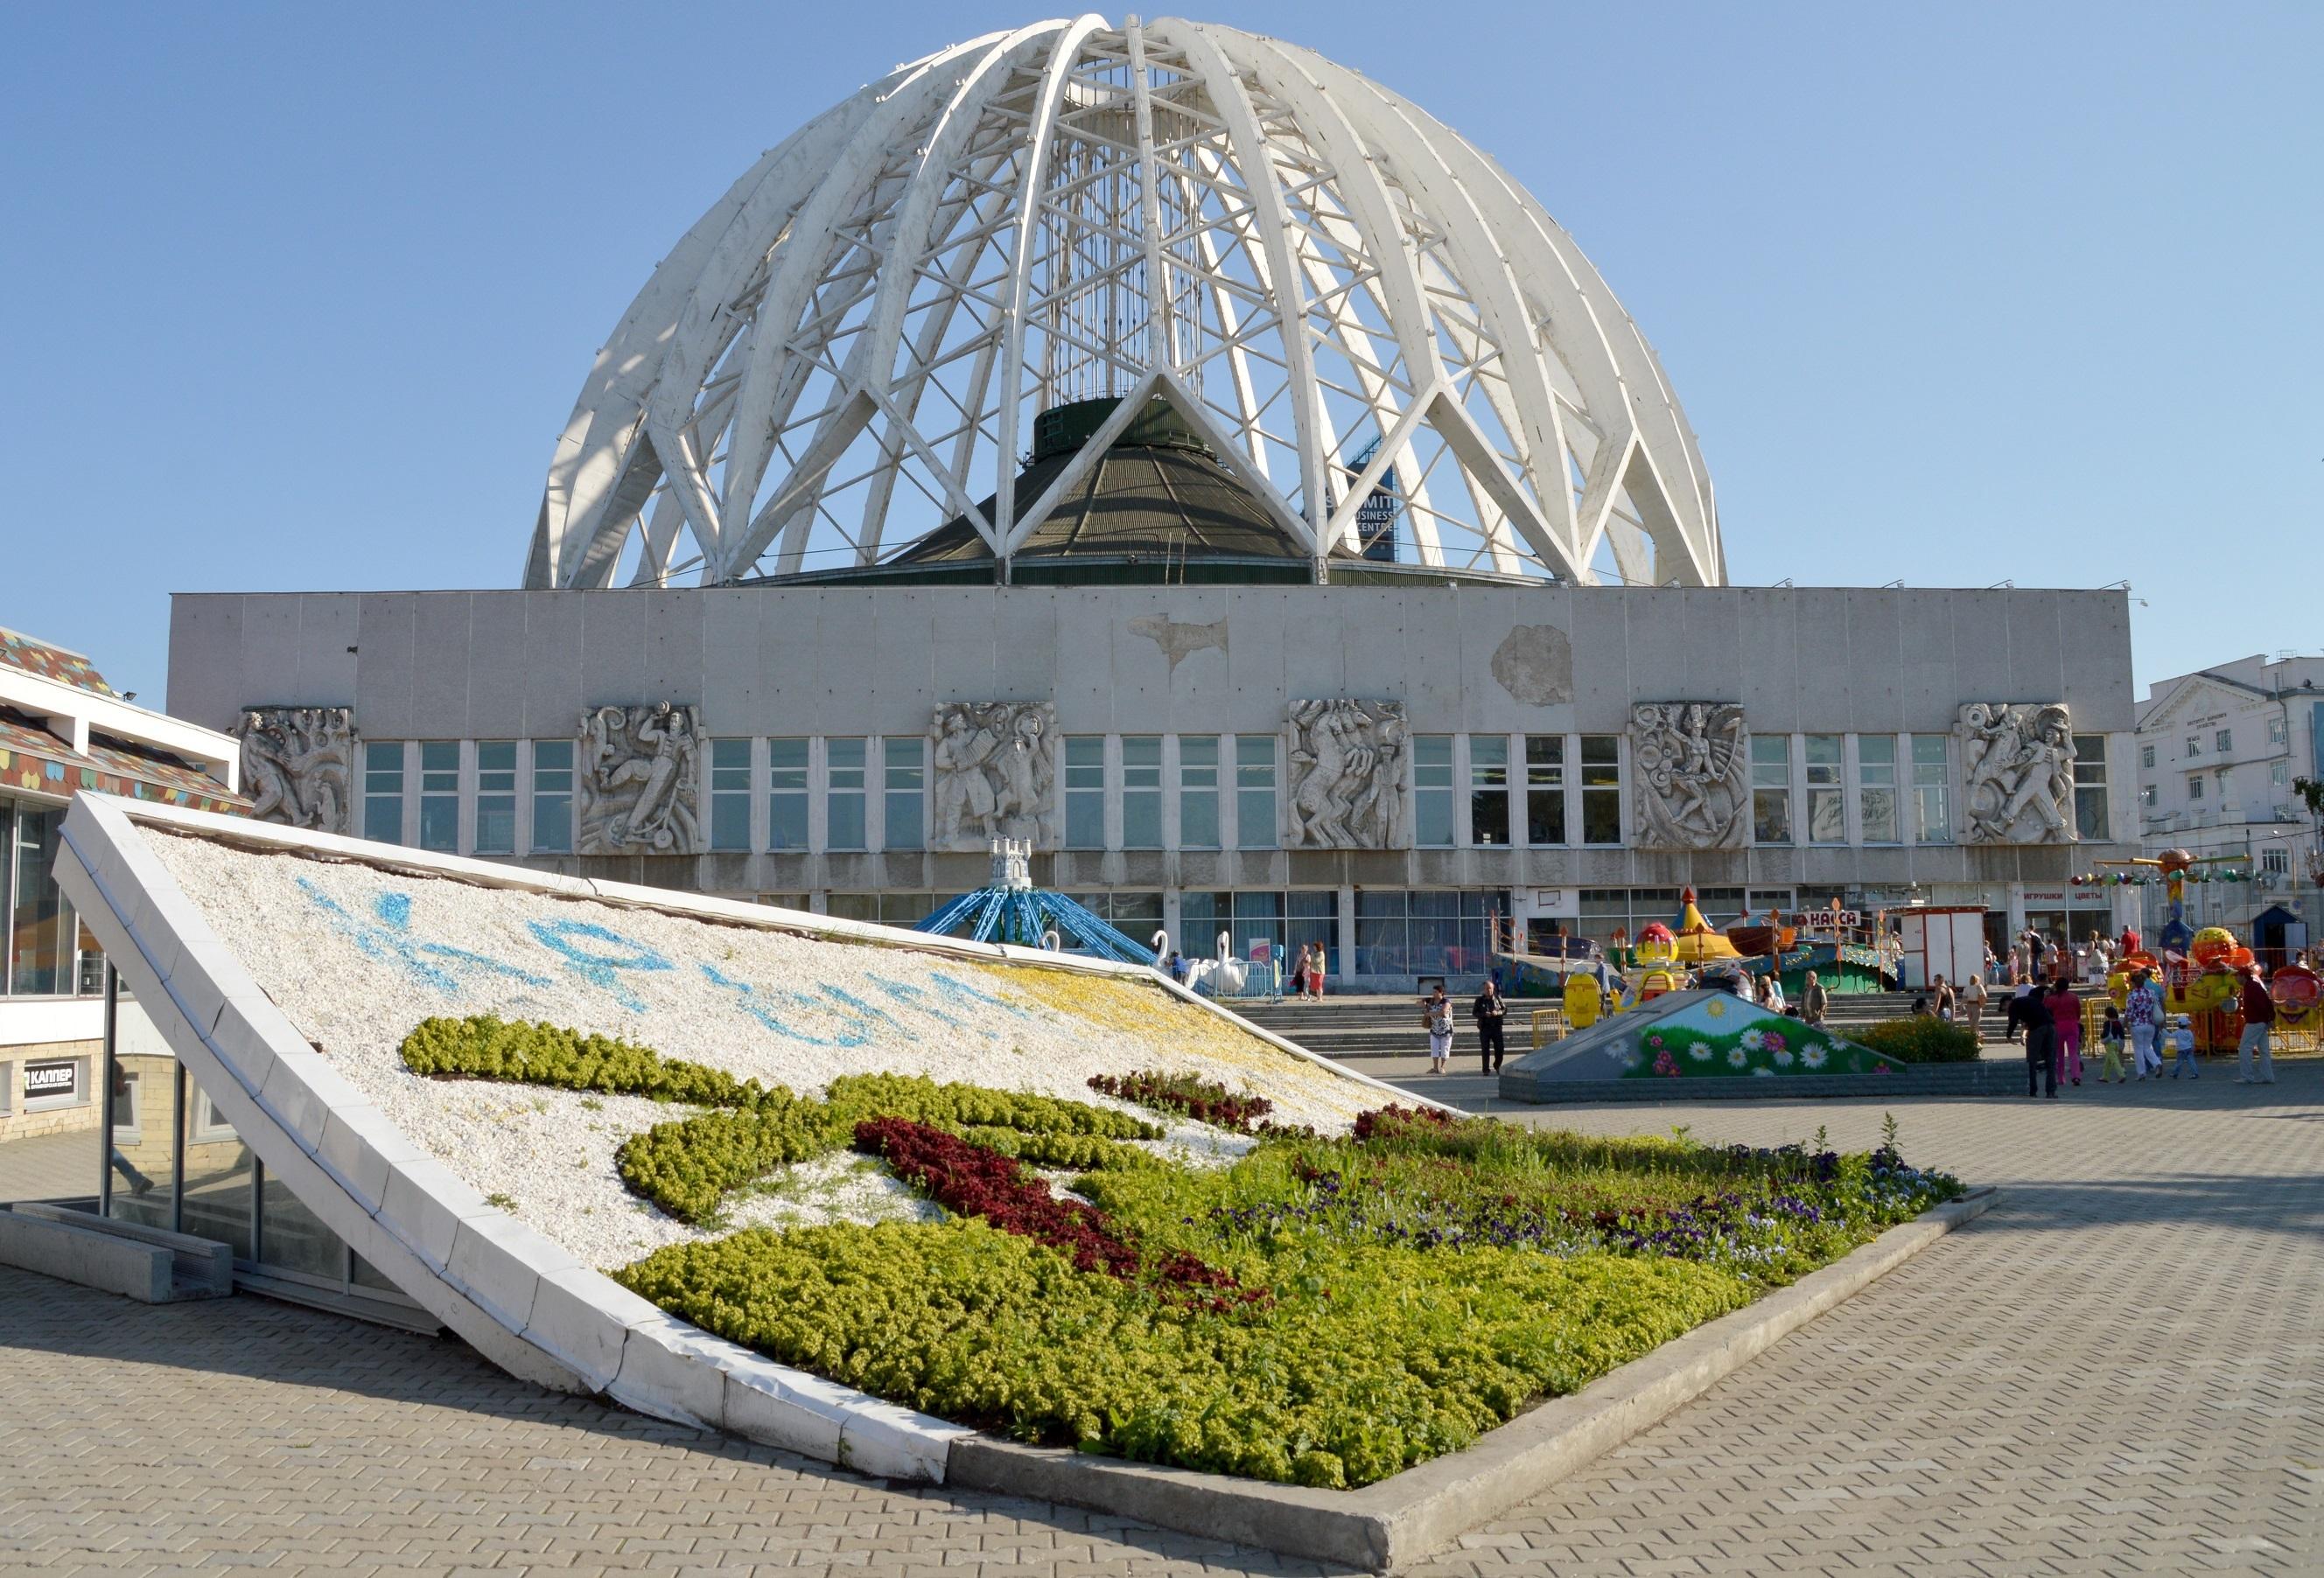 CHto stoit posetit v Ekaterinburge - Что стоит посетить в Екатеринбурге